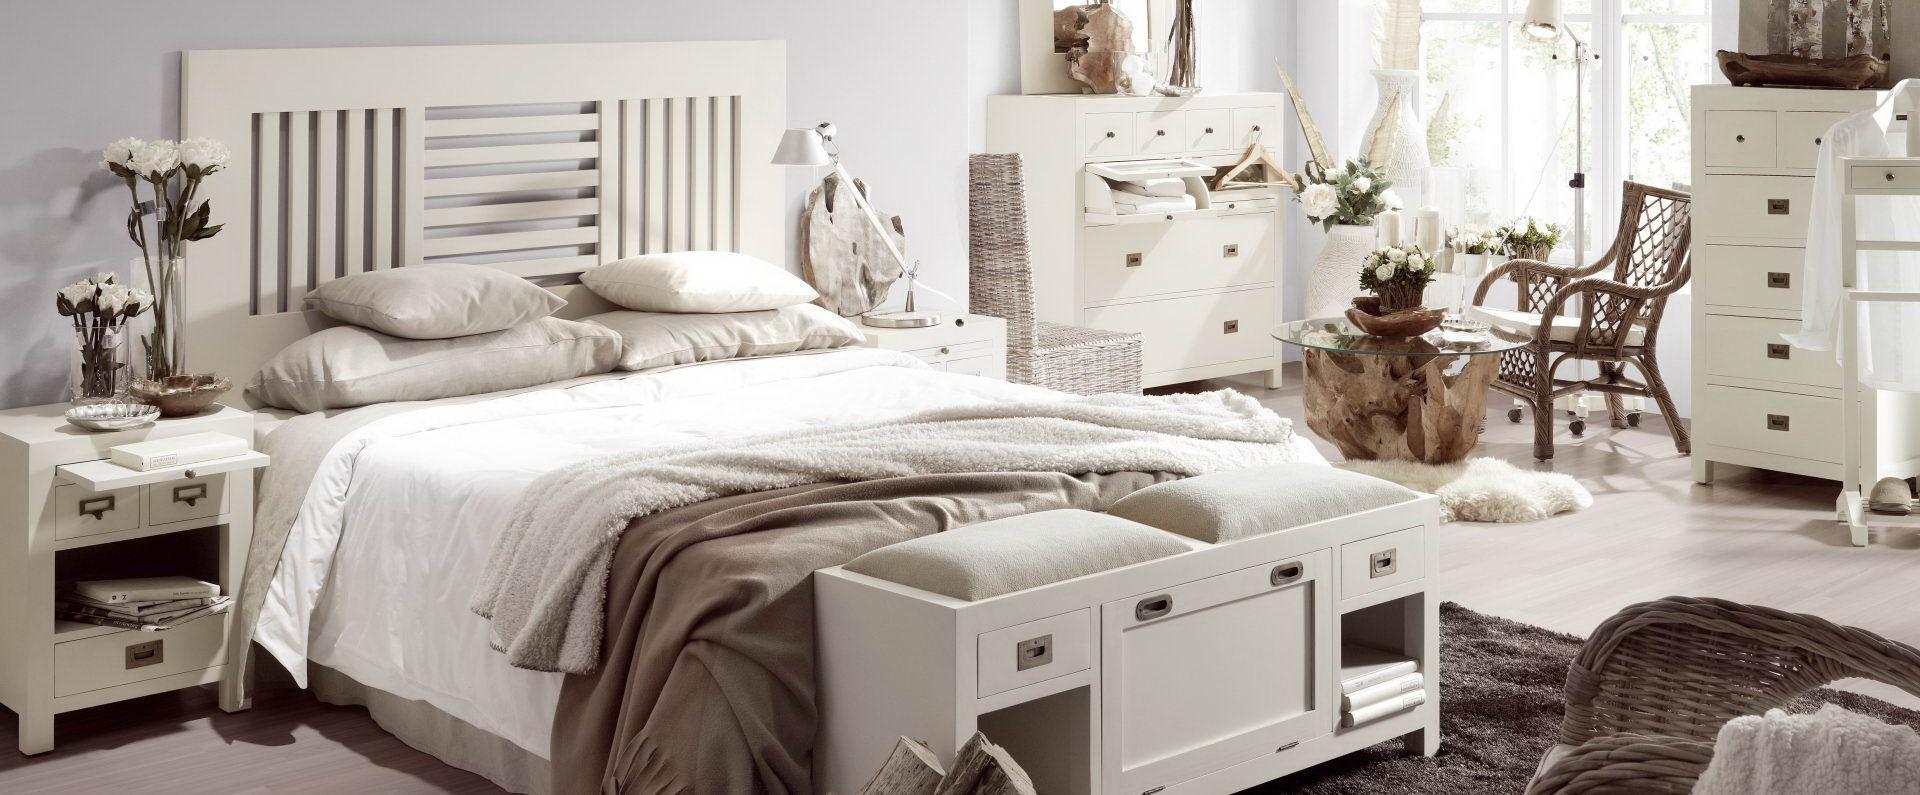 Tienda online de muebles a los mejores precios y calidad for Meubles blancs style bord de mer